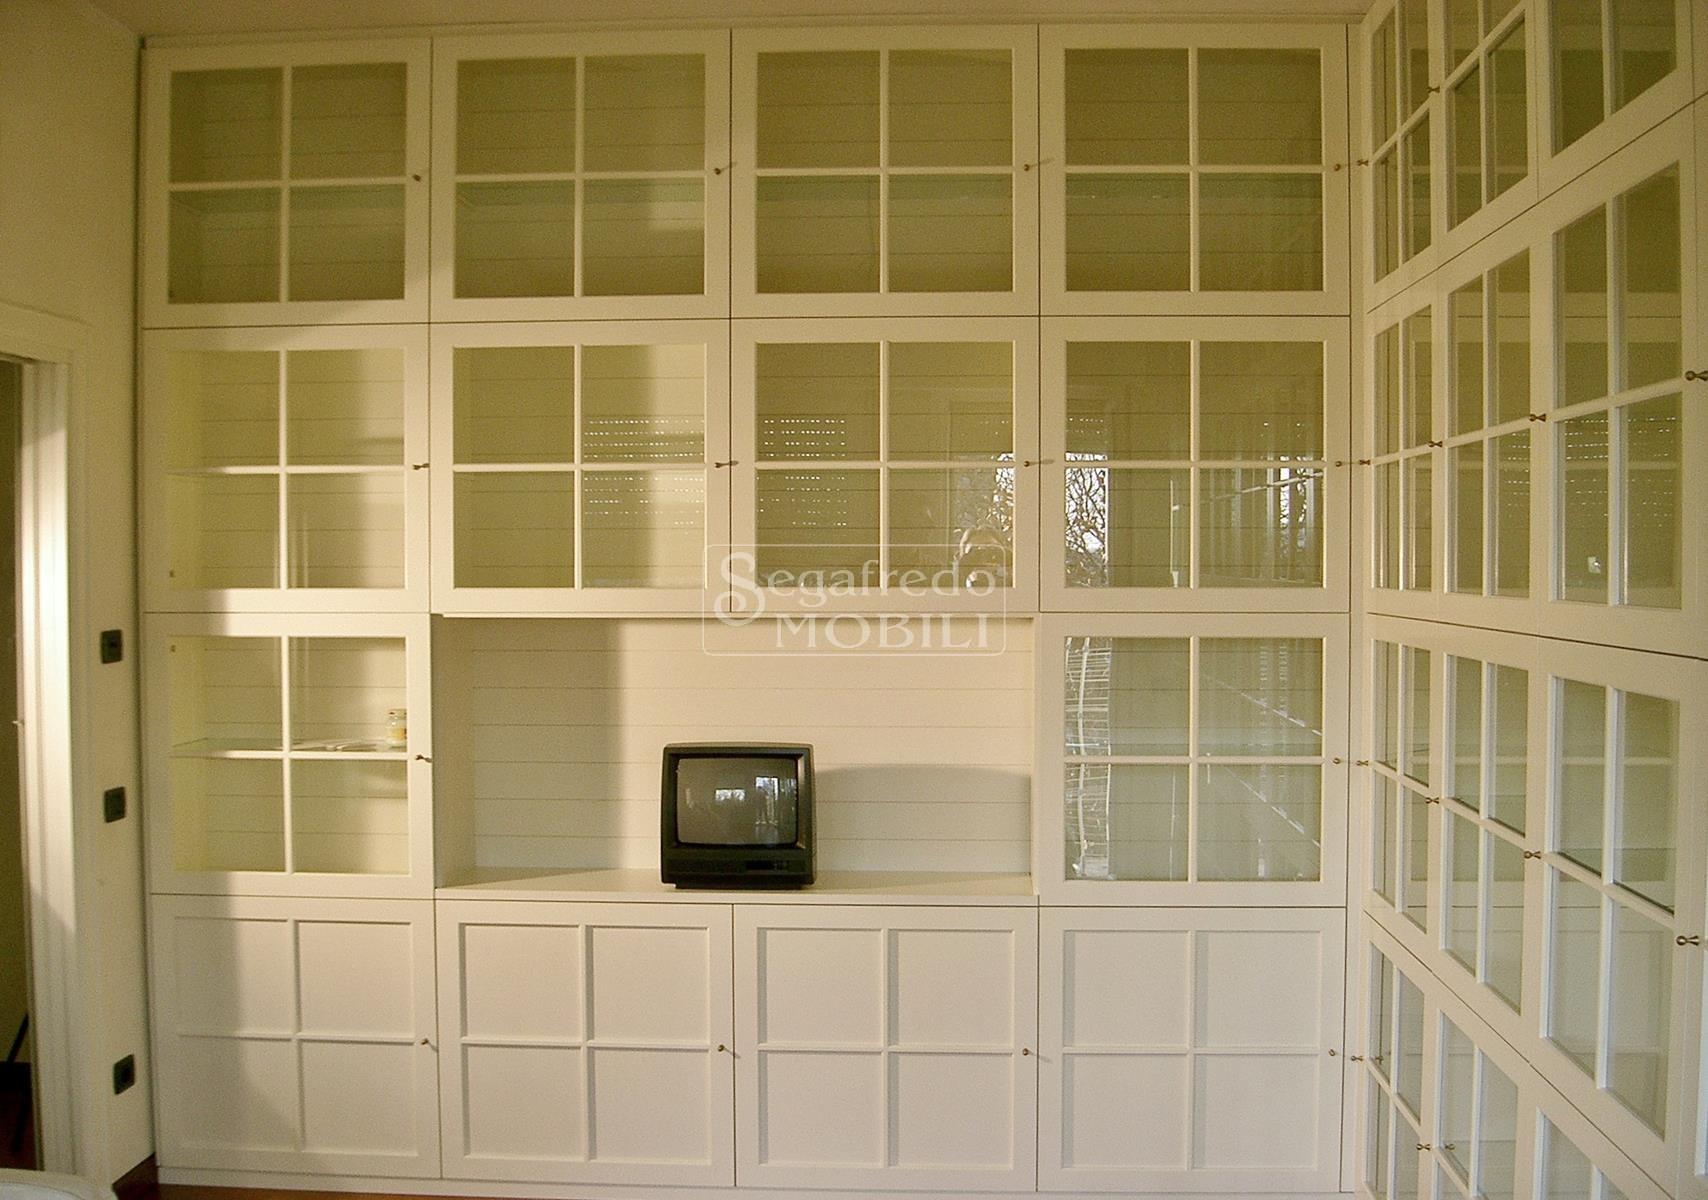 Libreria su misura a parete laccata - Mobilificio Segafredo Mobili ...